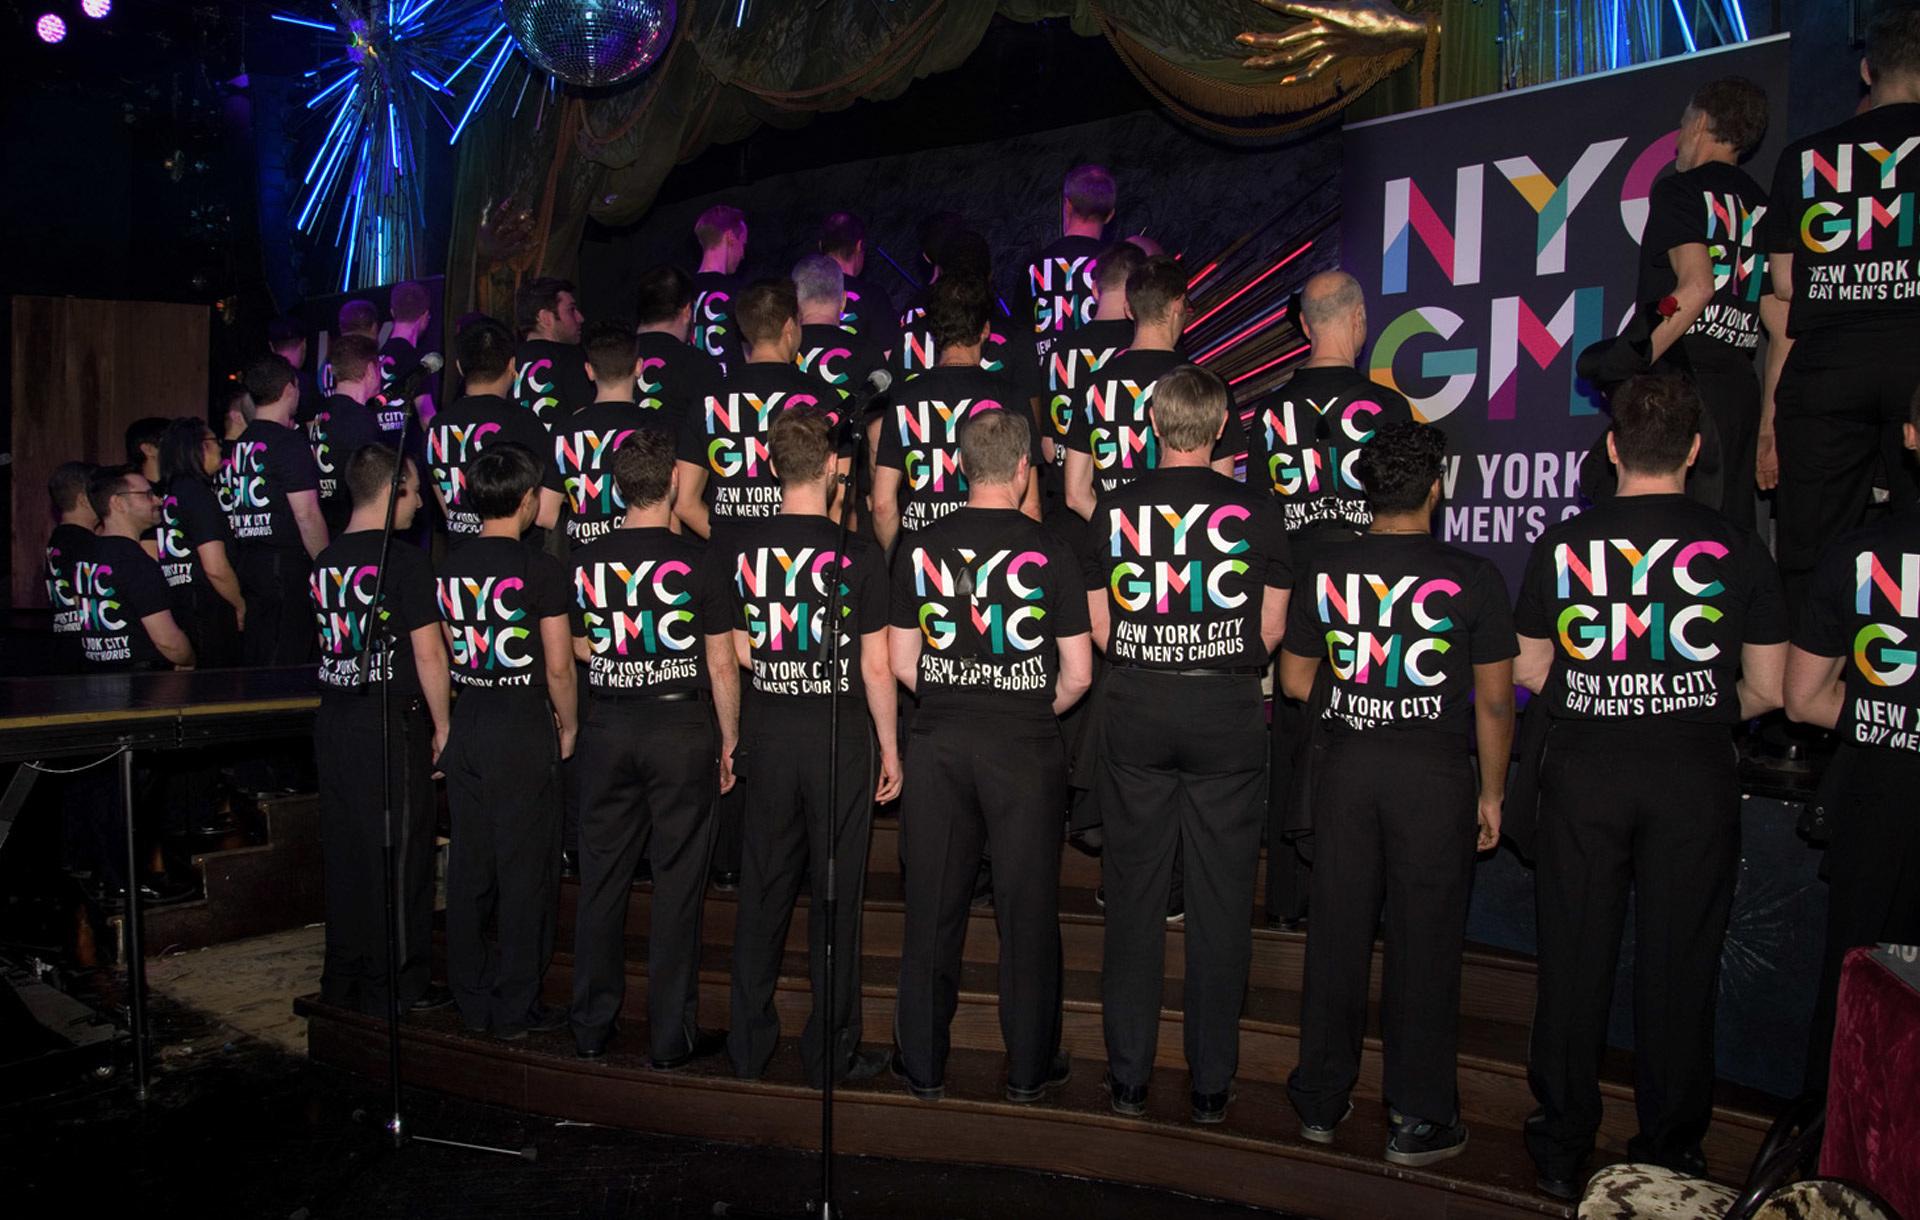 NYCGMC-14-Shirts